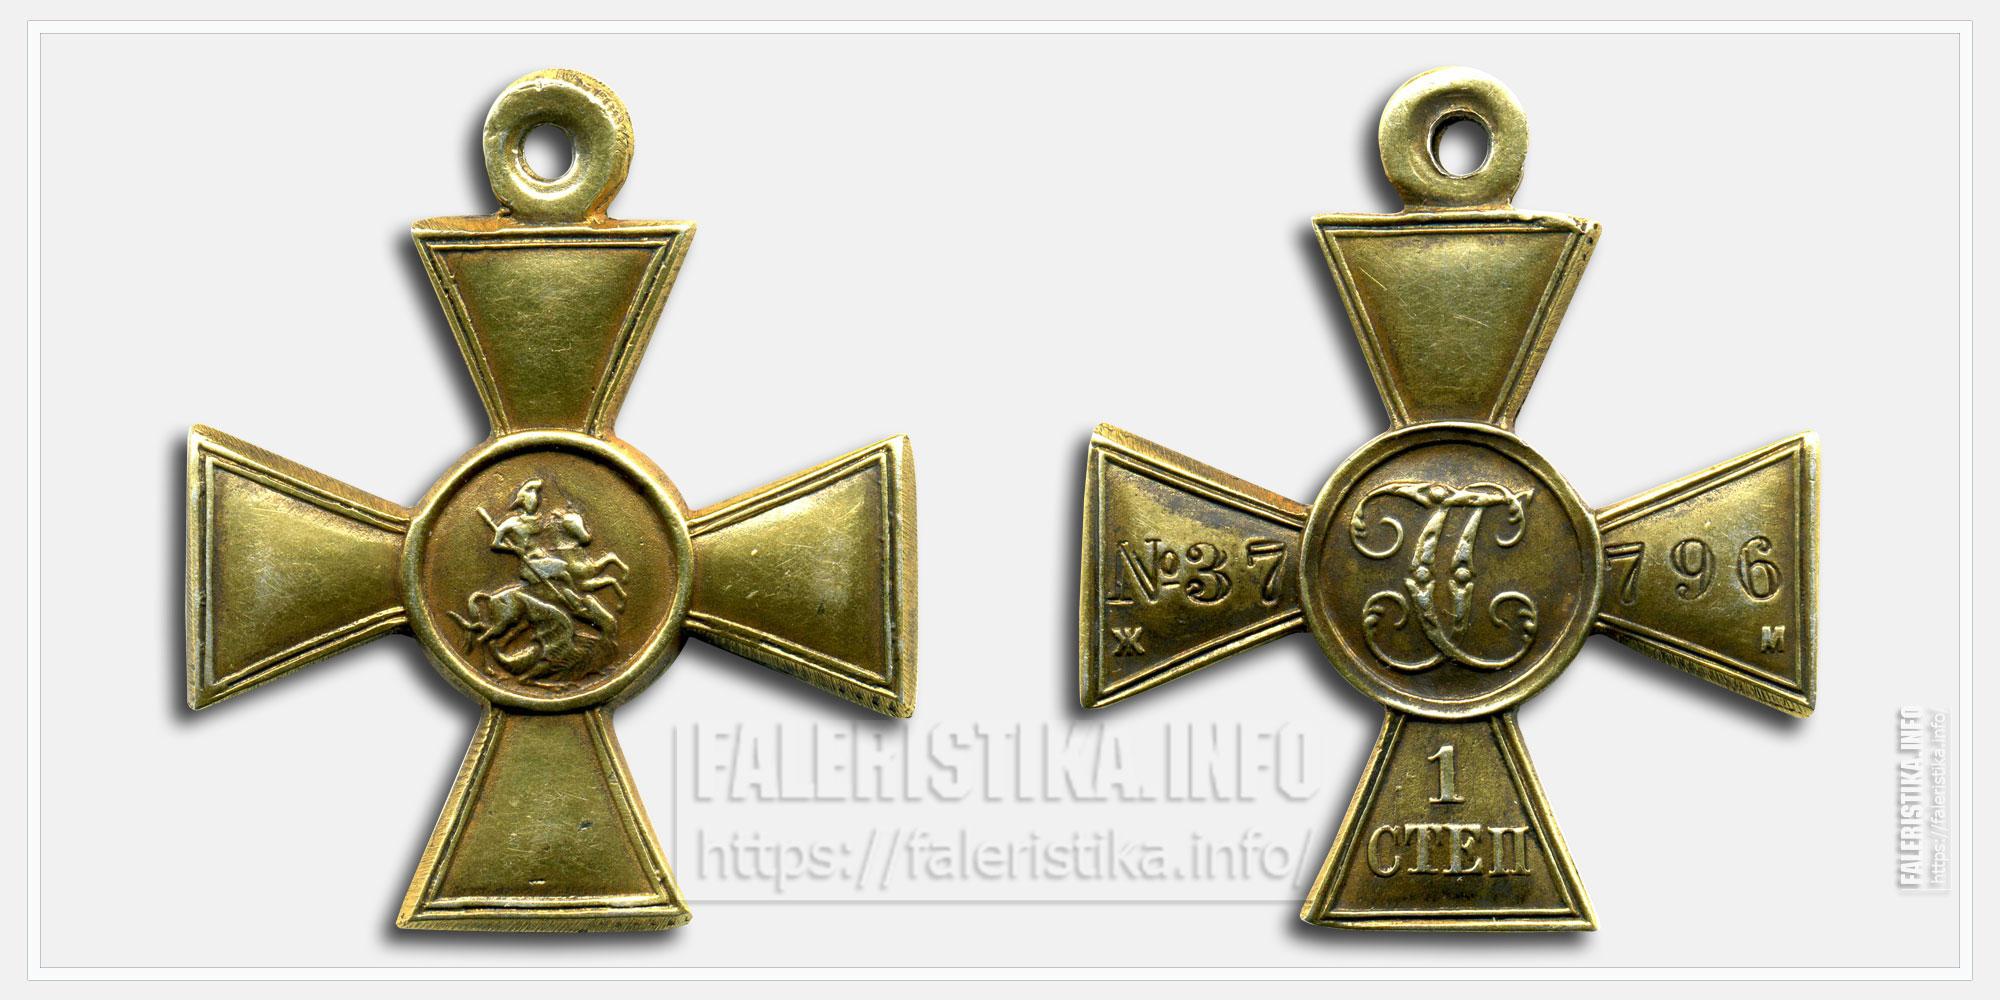 Георгиевский крест 1 ст. Ж.М. (жёлтый металл)